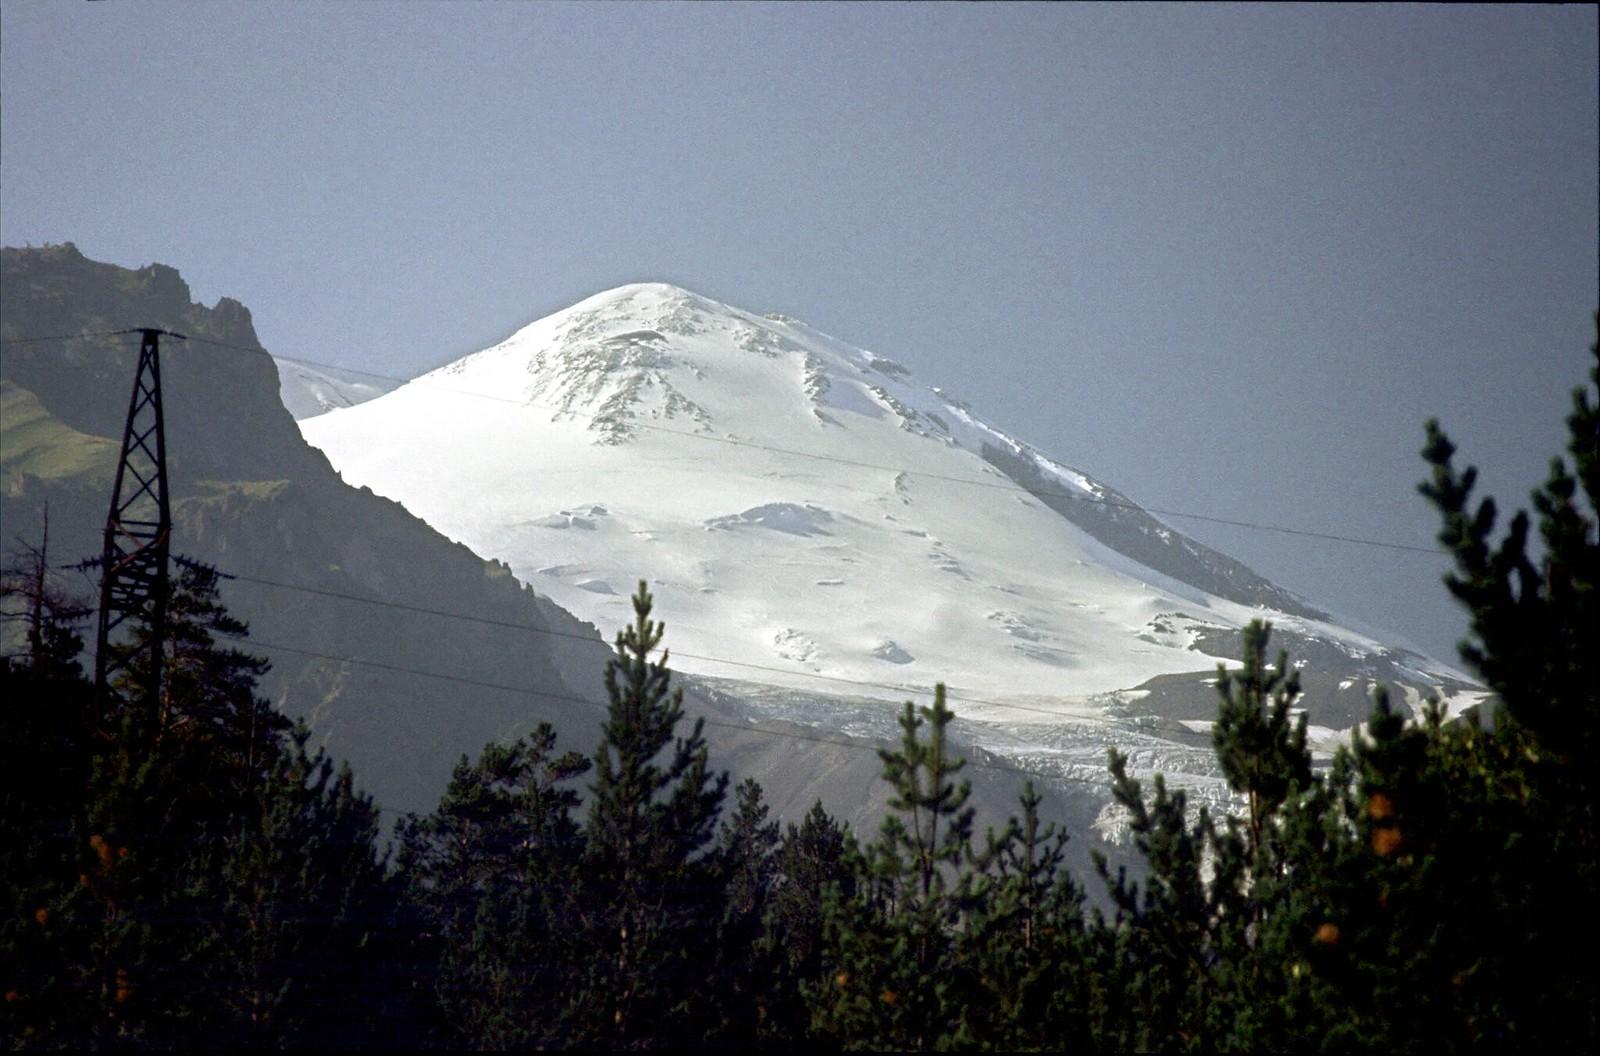 13. 1983. Покрытый облаками Эльбрус в горах Кавказа (2)